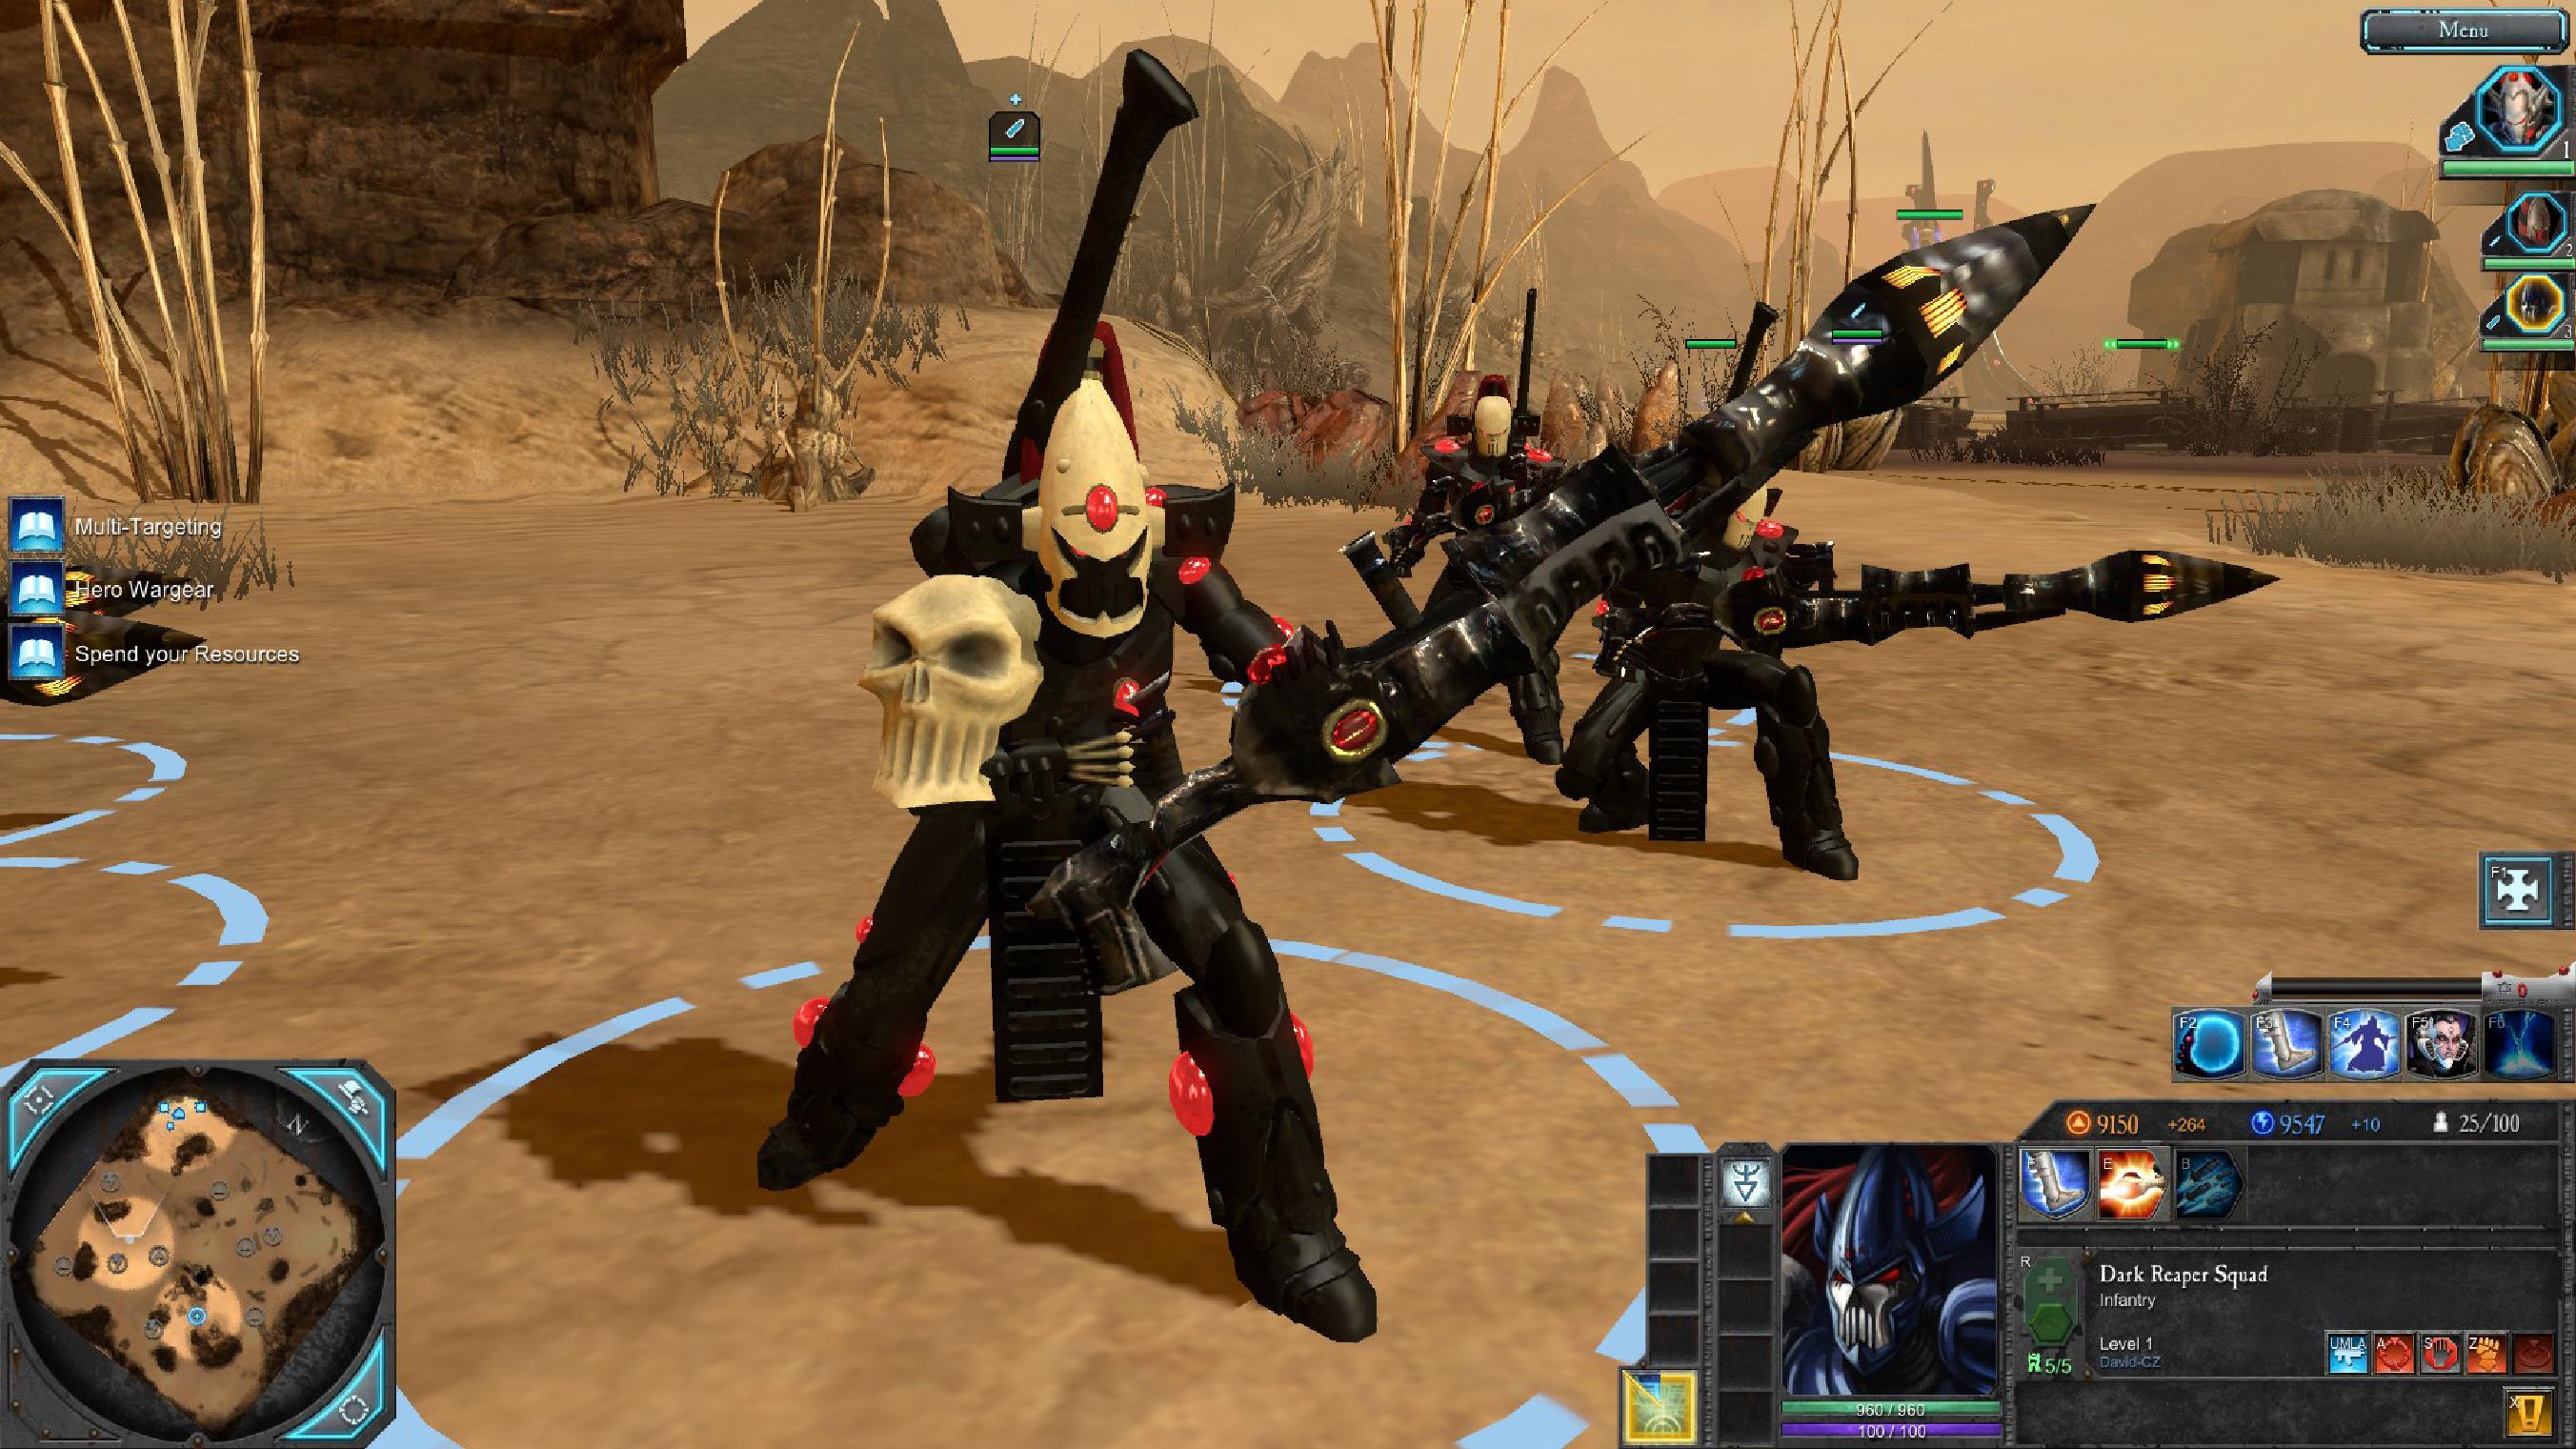 Warhammer 40k dow 3 mods | Warhammer 40,000: Dawn of War 3 mods